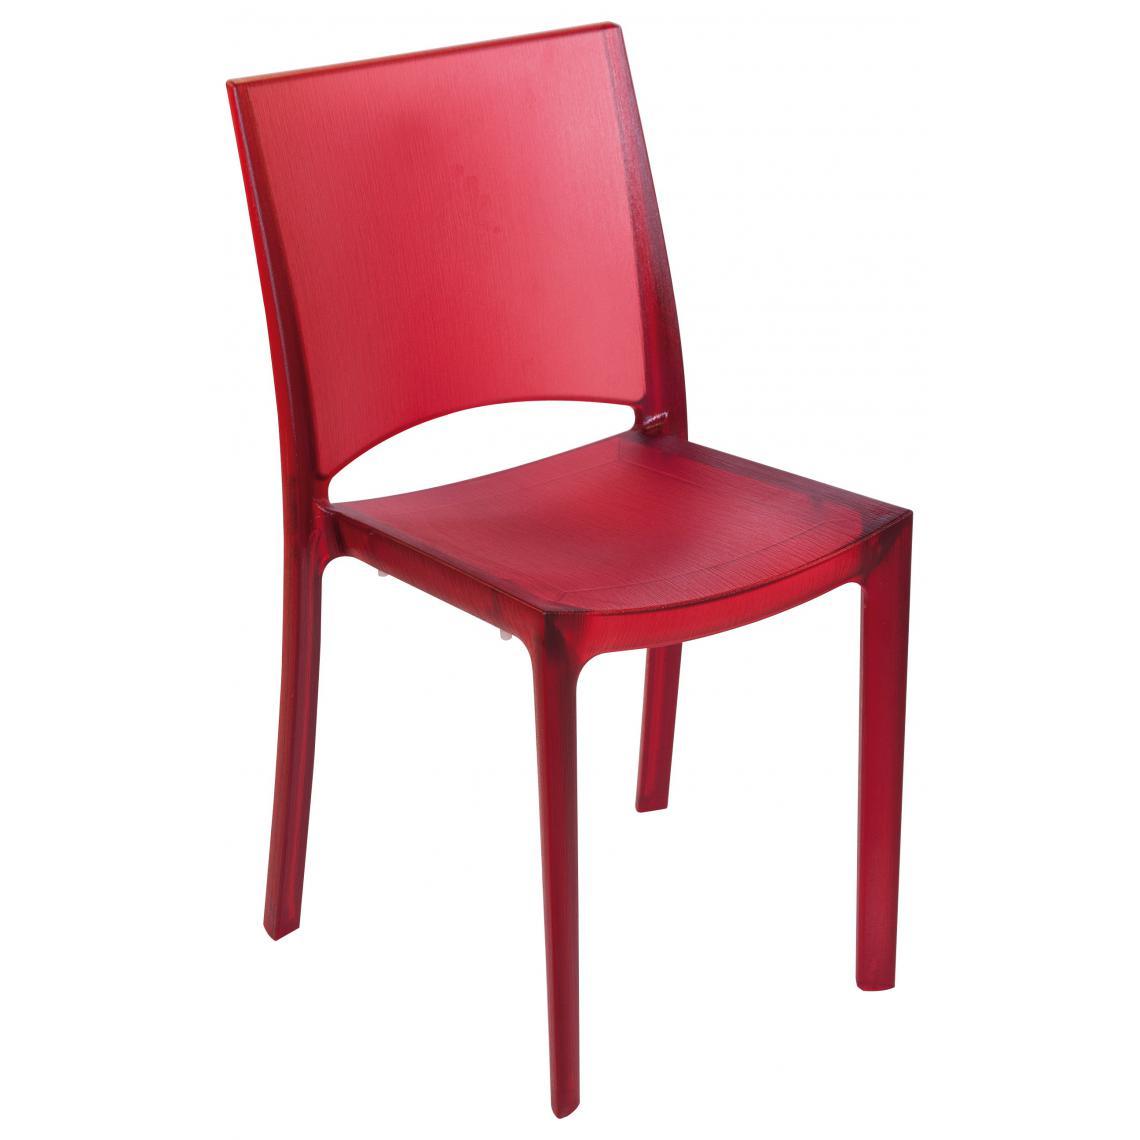 Chaise design rouge opaque fum e transparente nilo 3suisses - Chaise transparente rouge ...